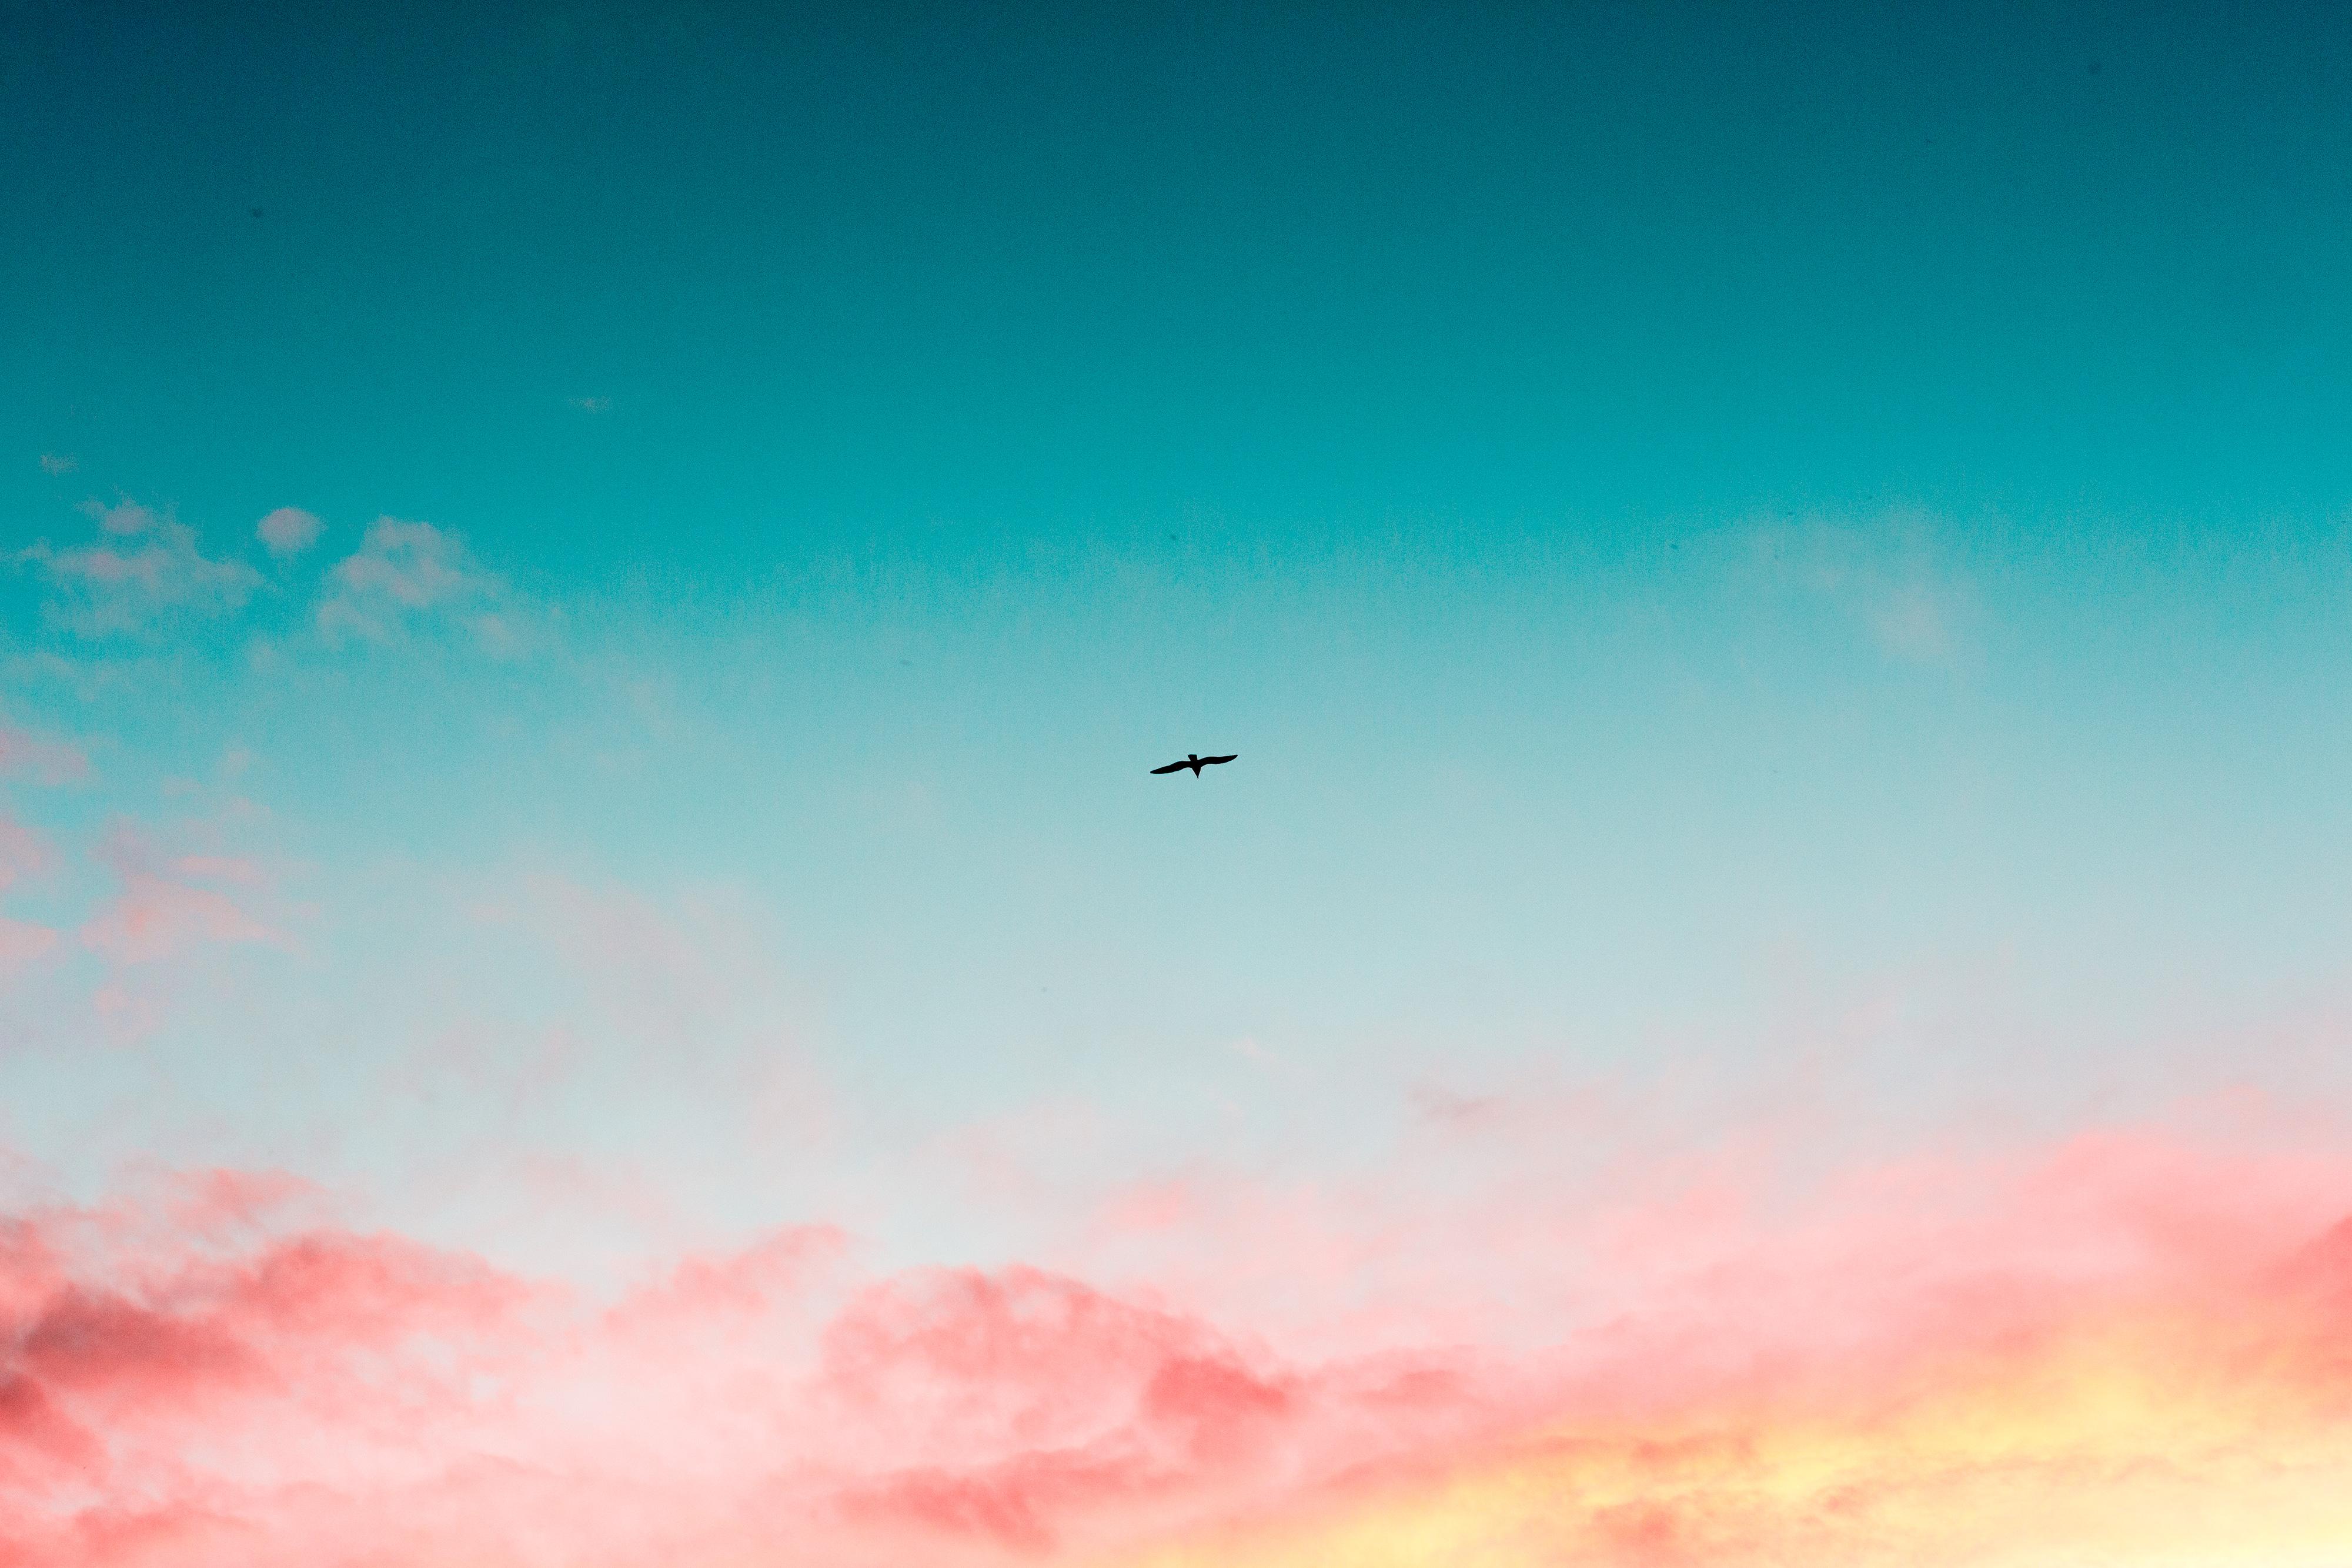 Ảnh background cánh chim giữa bầu trời